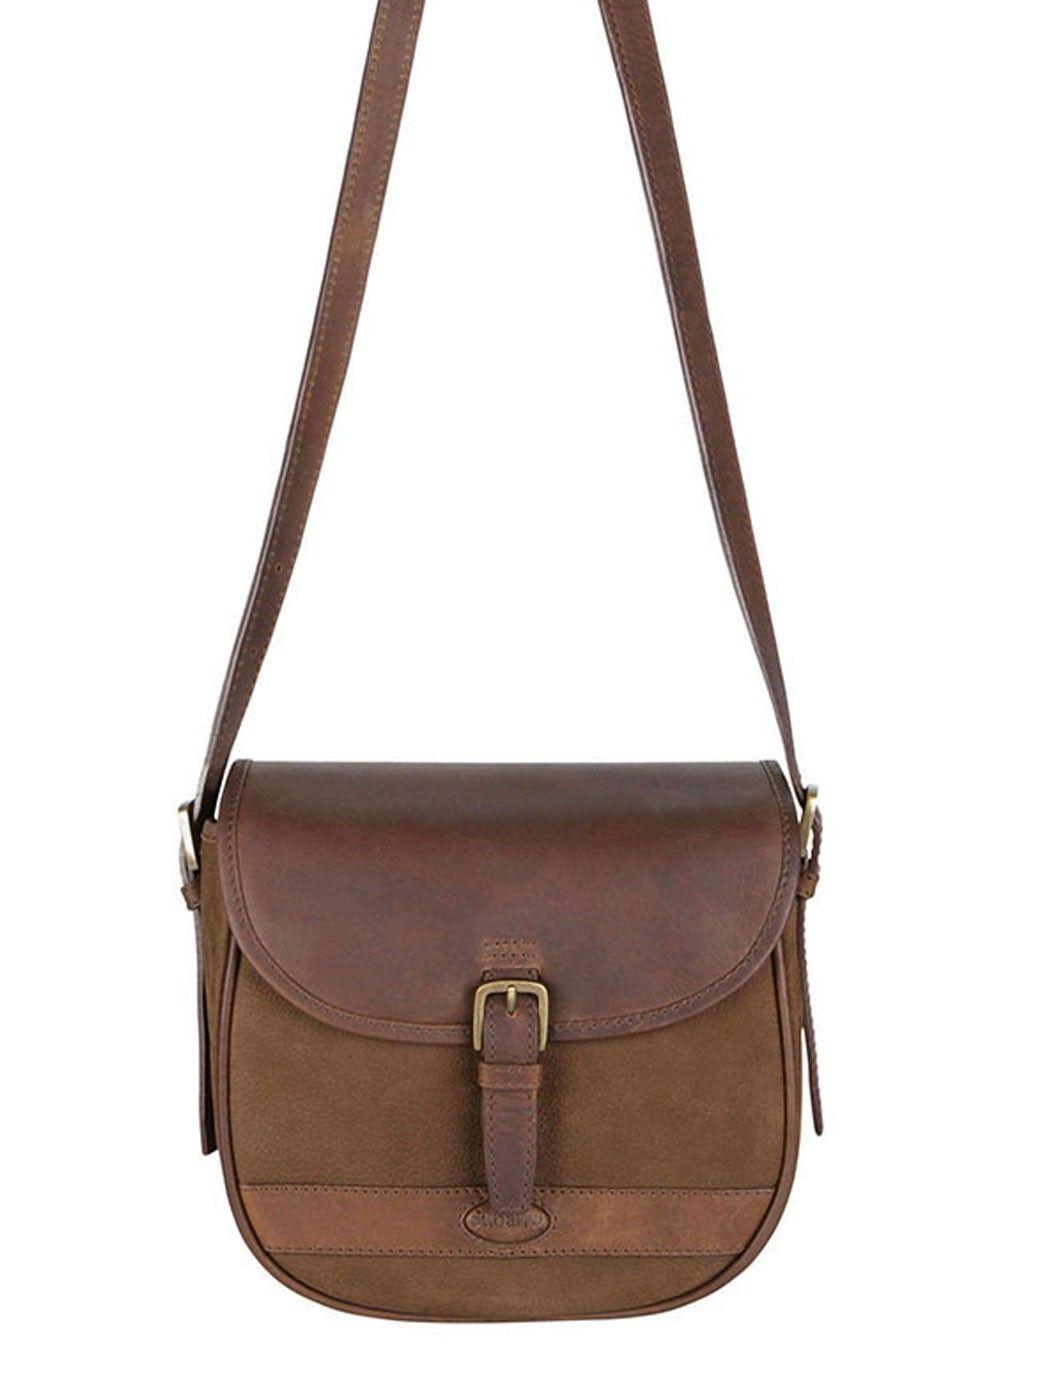 d06858eea80c Dubarry Clara Large Leather Saddle Style Bag